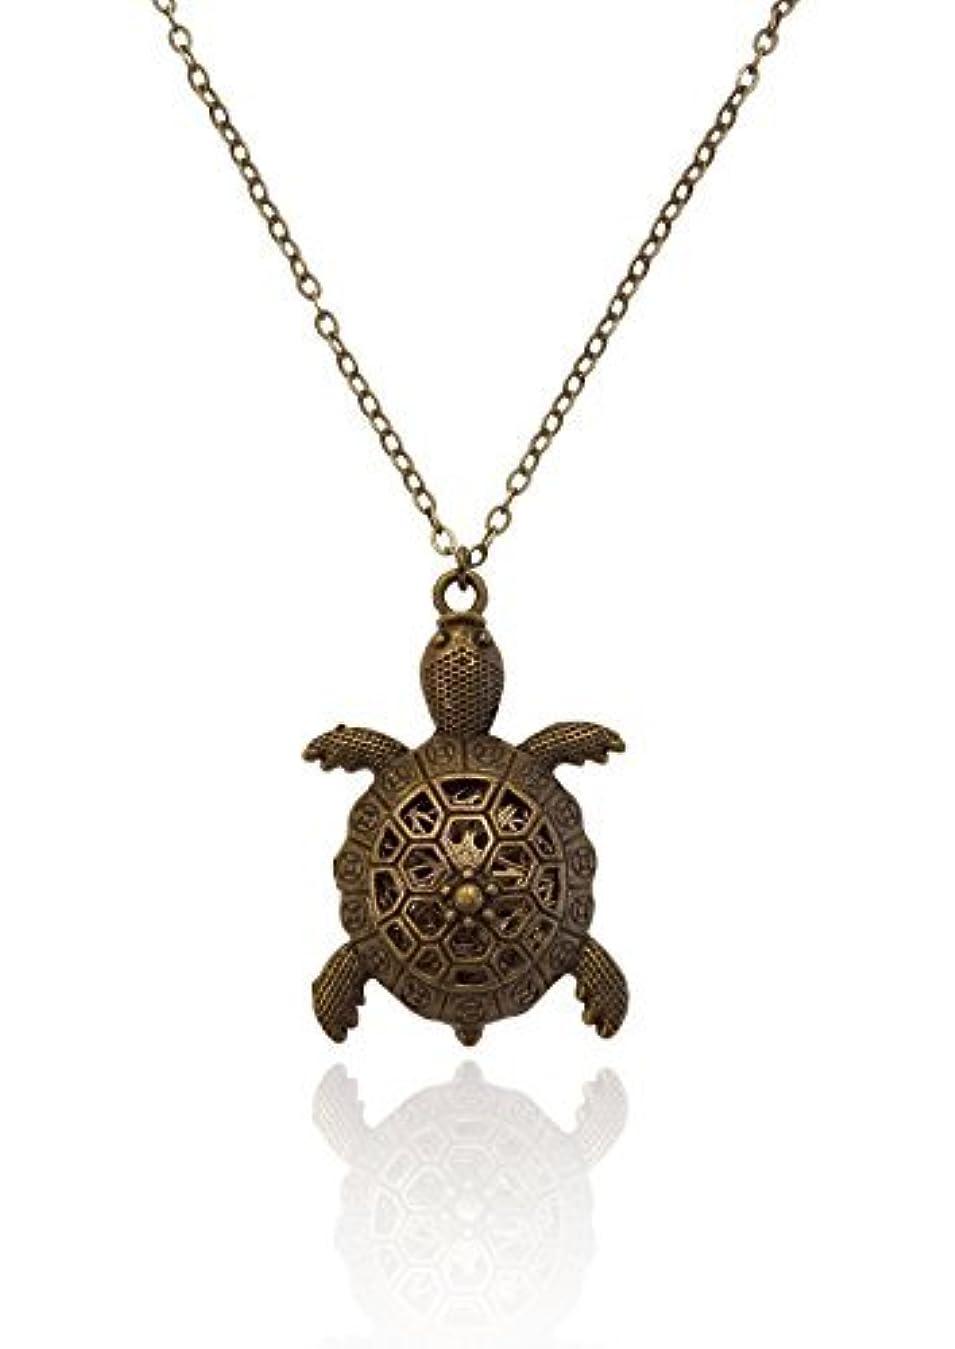 前投薬ハムトレッドTurtle Charm Bronze-Tone Brass-Tone Aromatherapy Necklace Essential Oil Diffuser Locket Pendant Jewelry Diffuser...